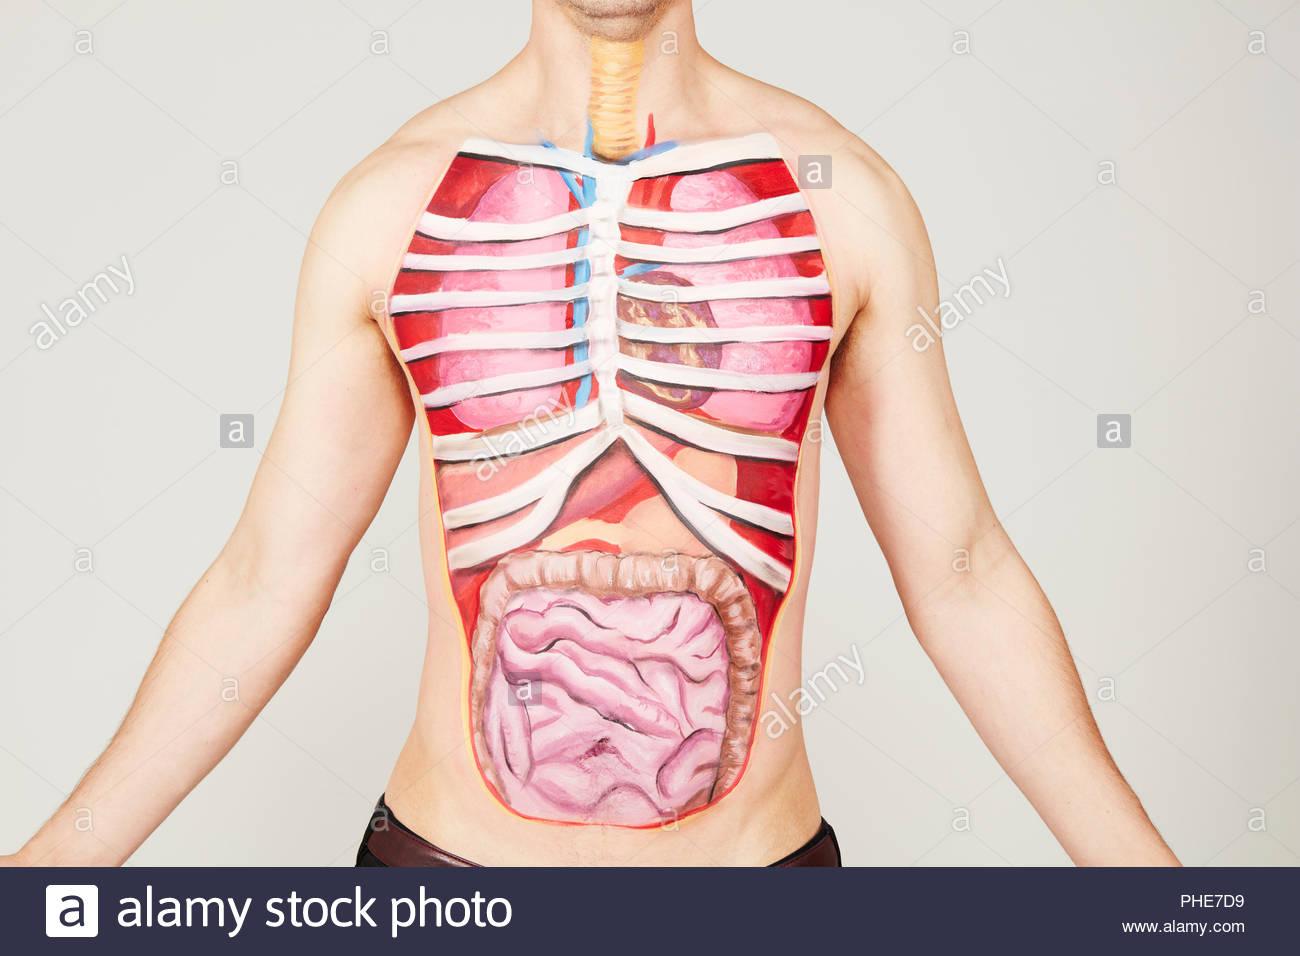 Malerei Der Inneren Organe Des Menschen Körper Stockfotografie Alamy